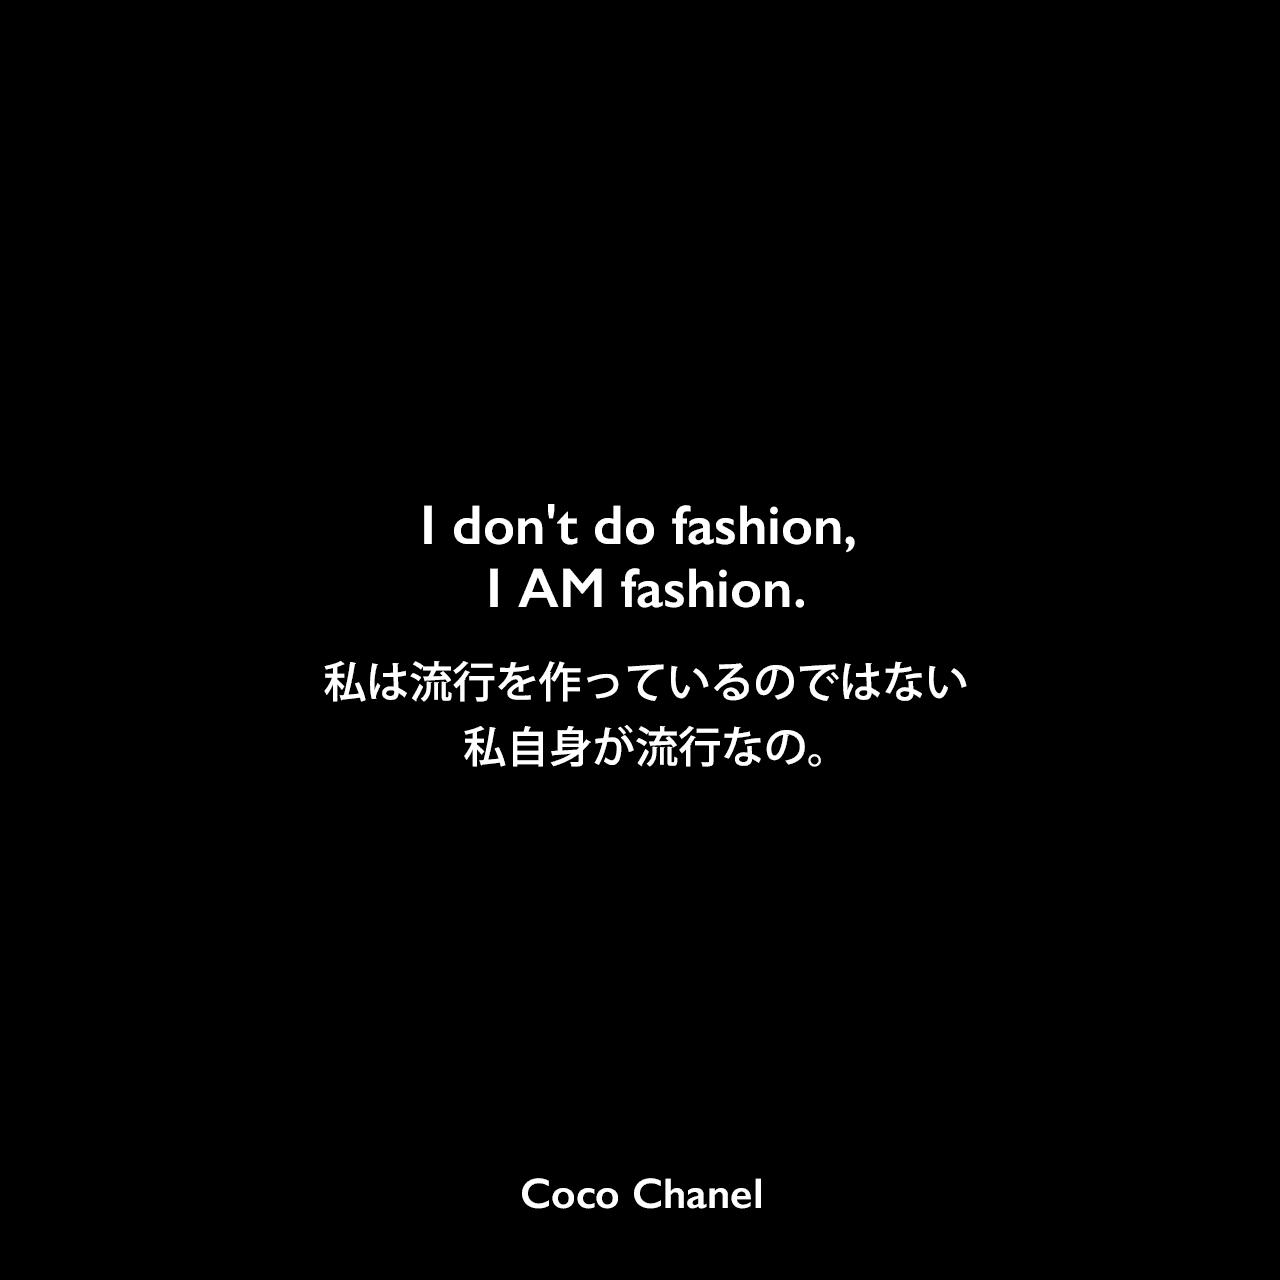 I don't do fashion, I AM fashion.私は流行を作っているのではない、私自身が流行なの。Coco Chanel